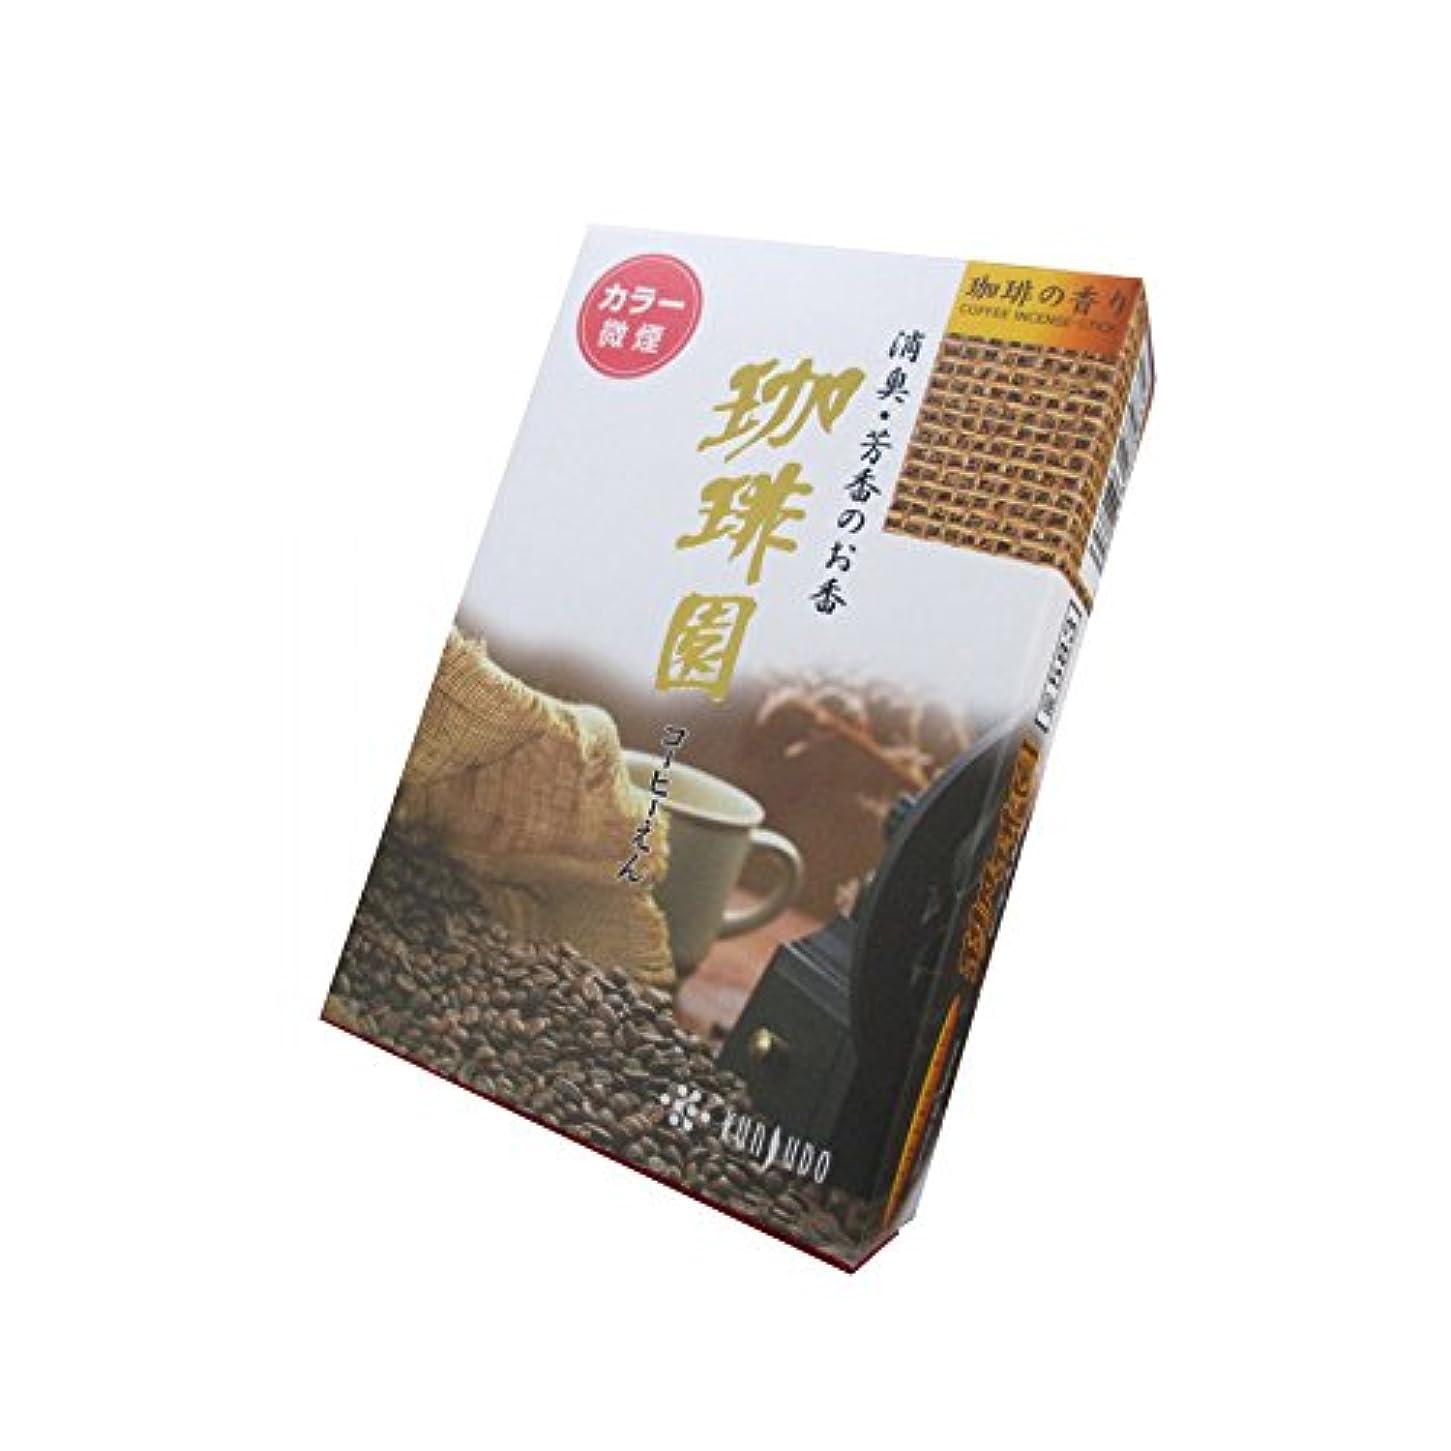 蒸発専門衛星薫寿堂のお線香 珈琲園 微煙 ミニ寸 #583